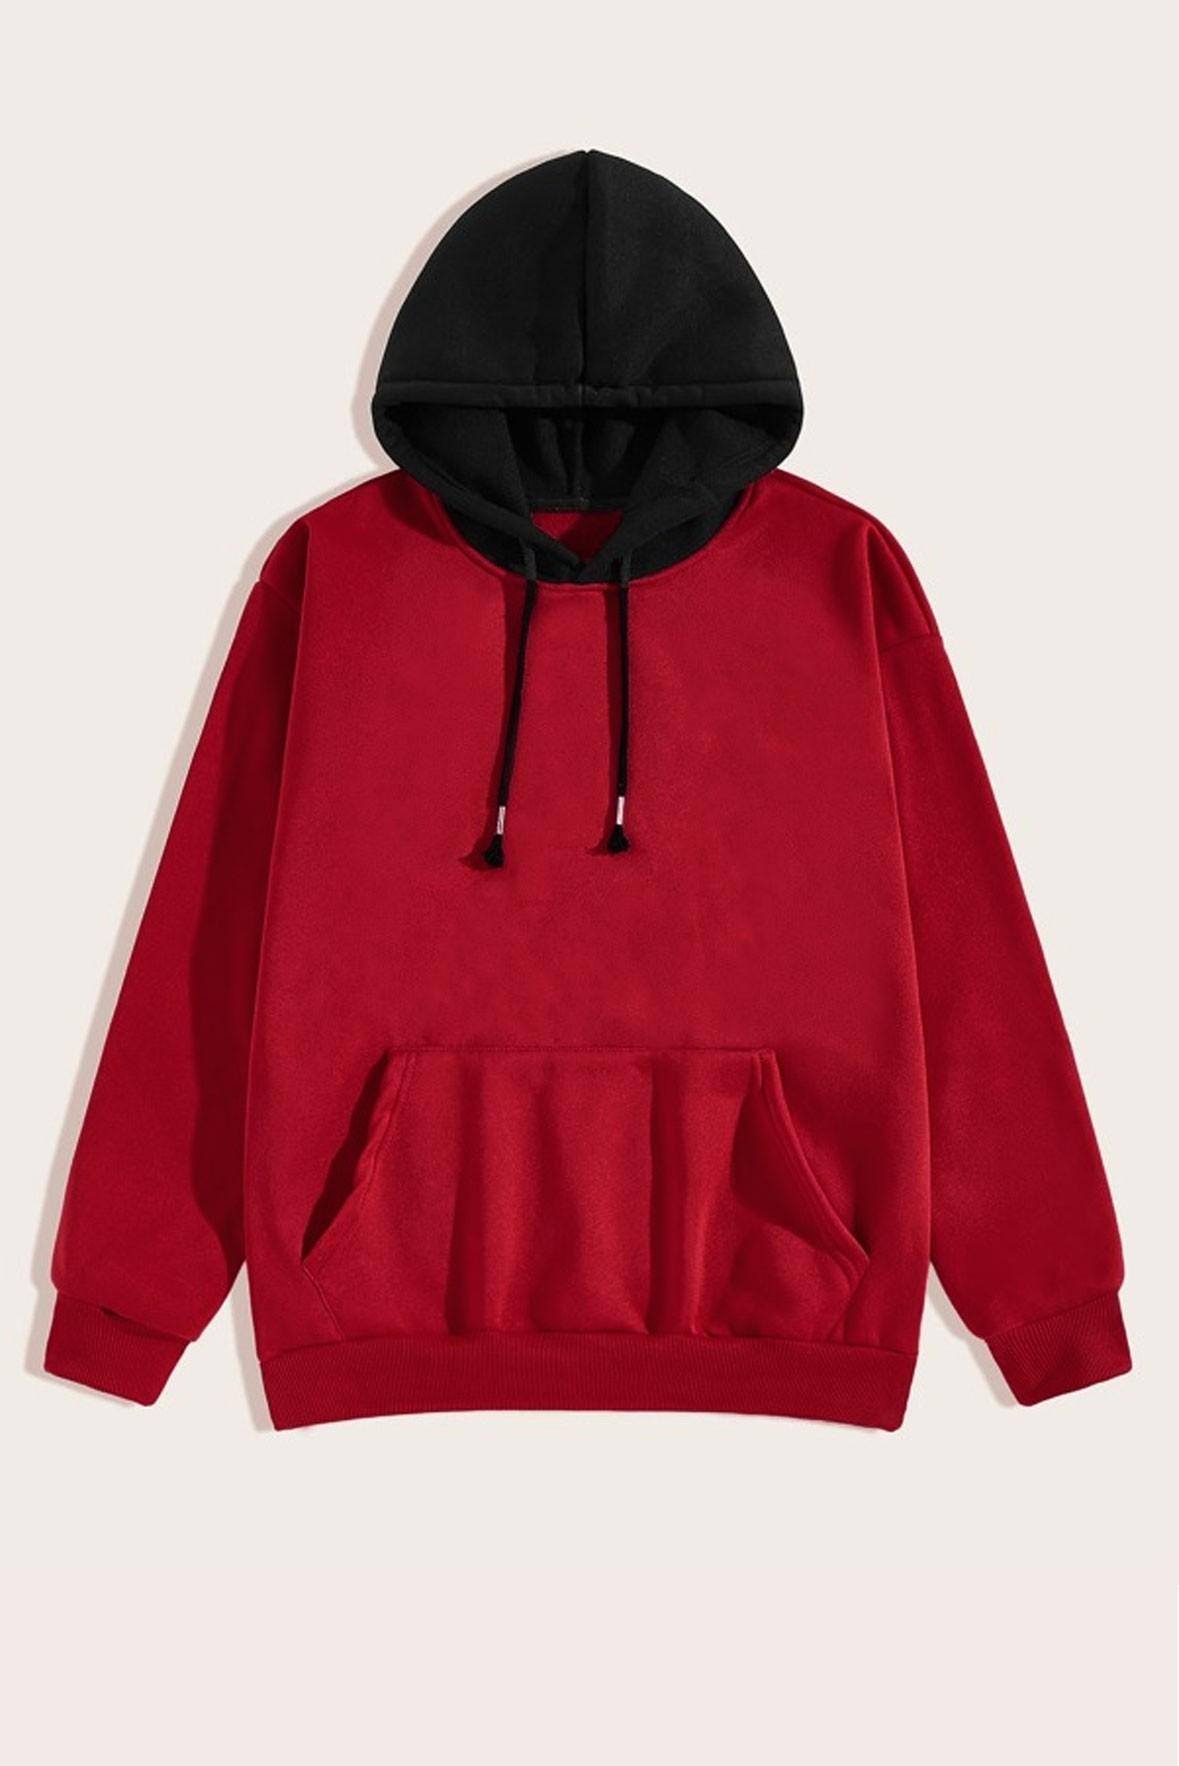 Red & Black hoodie